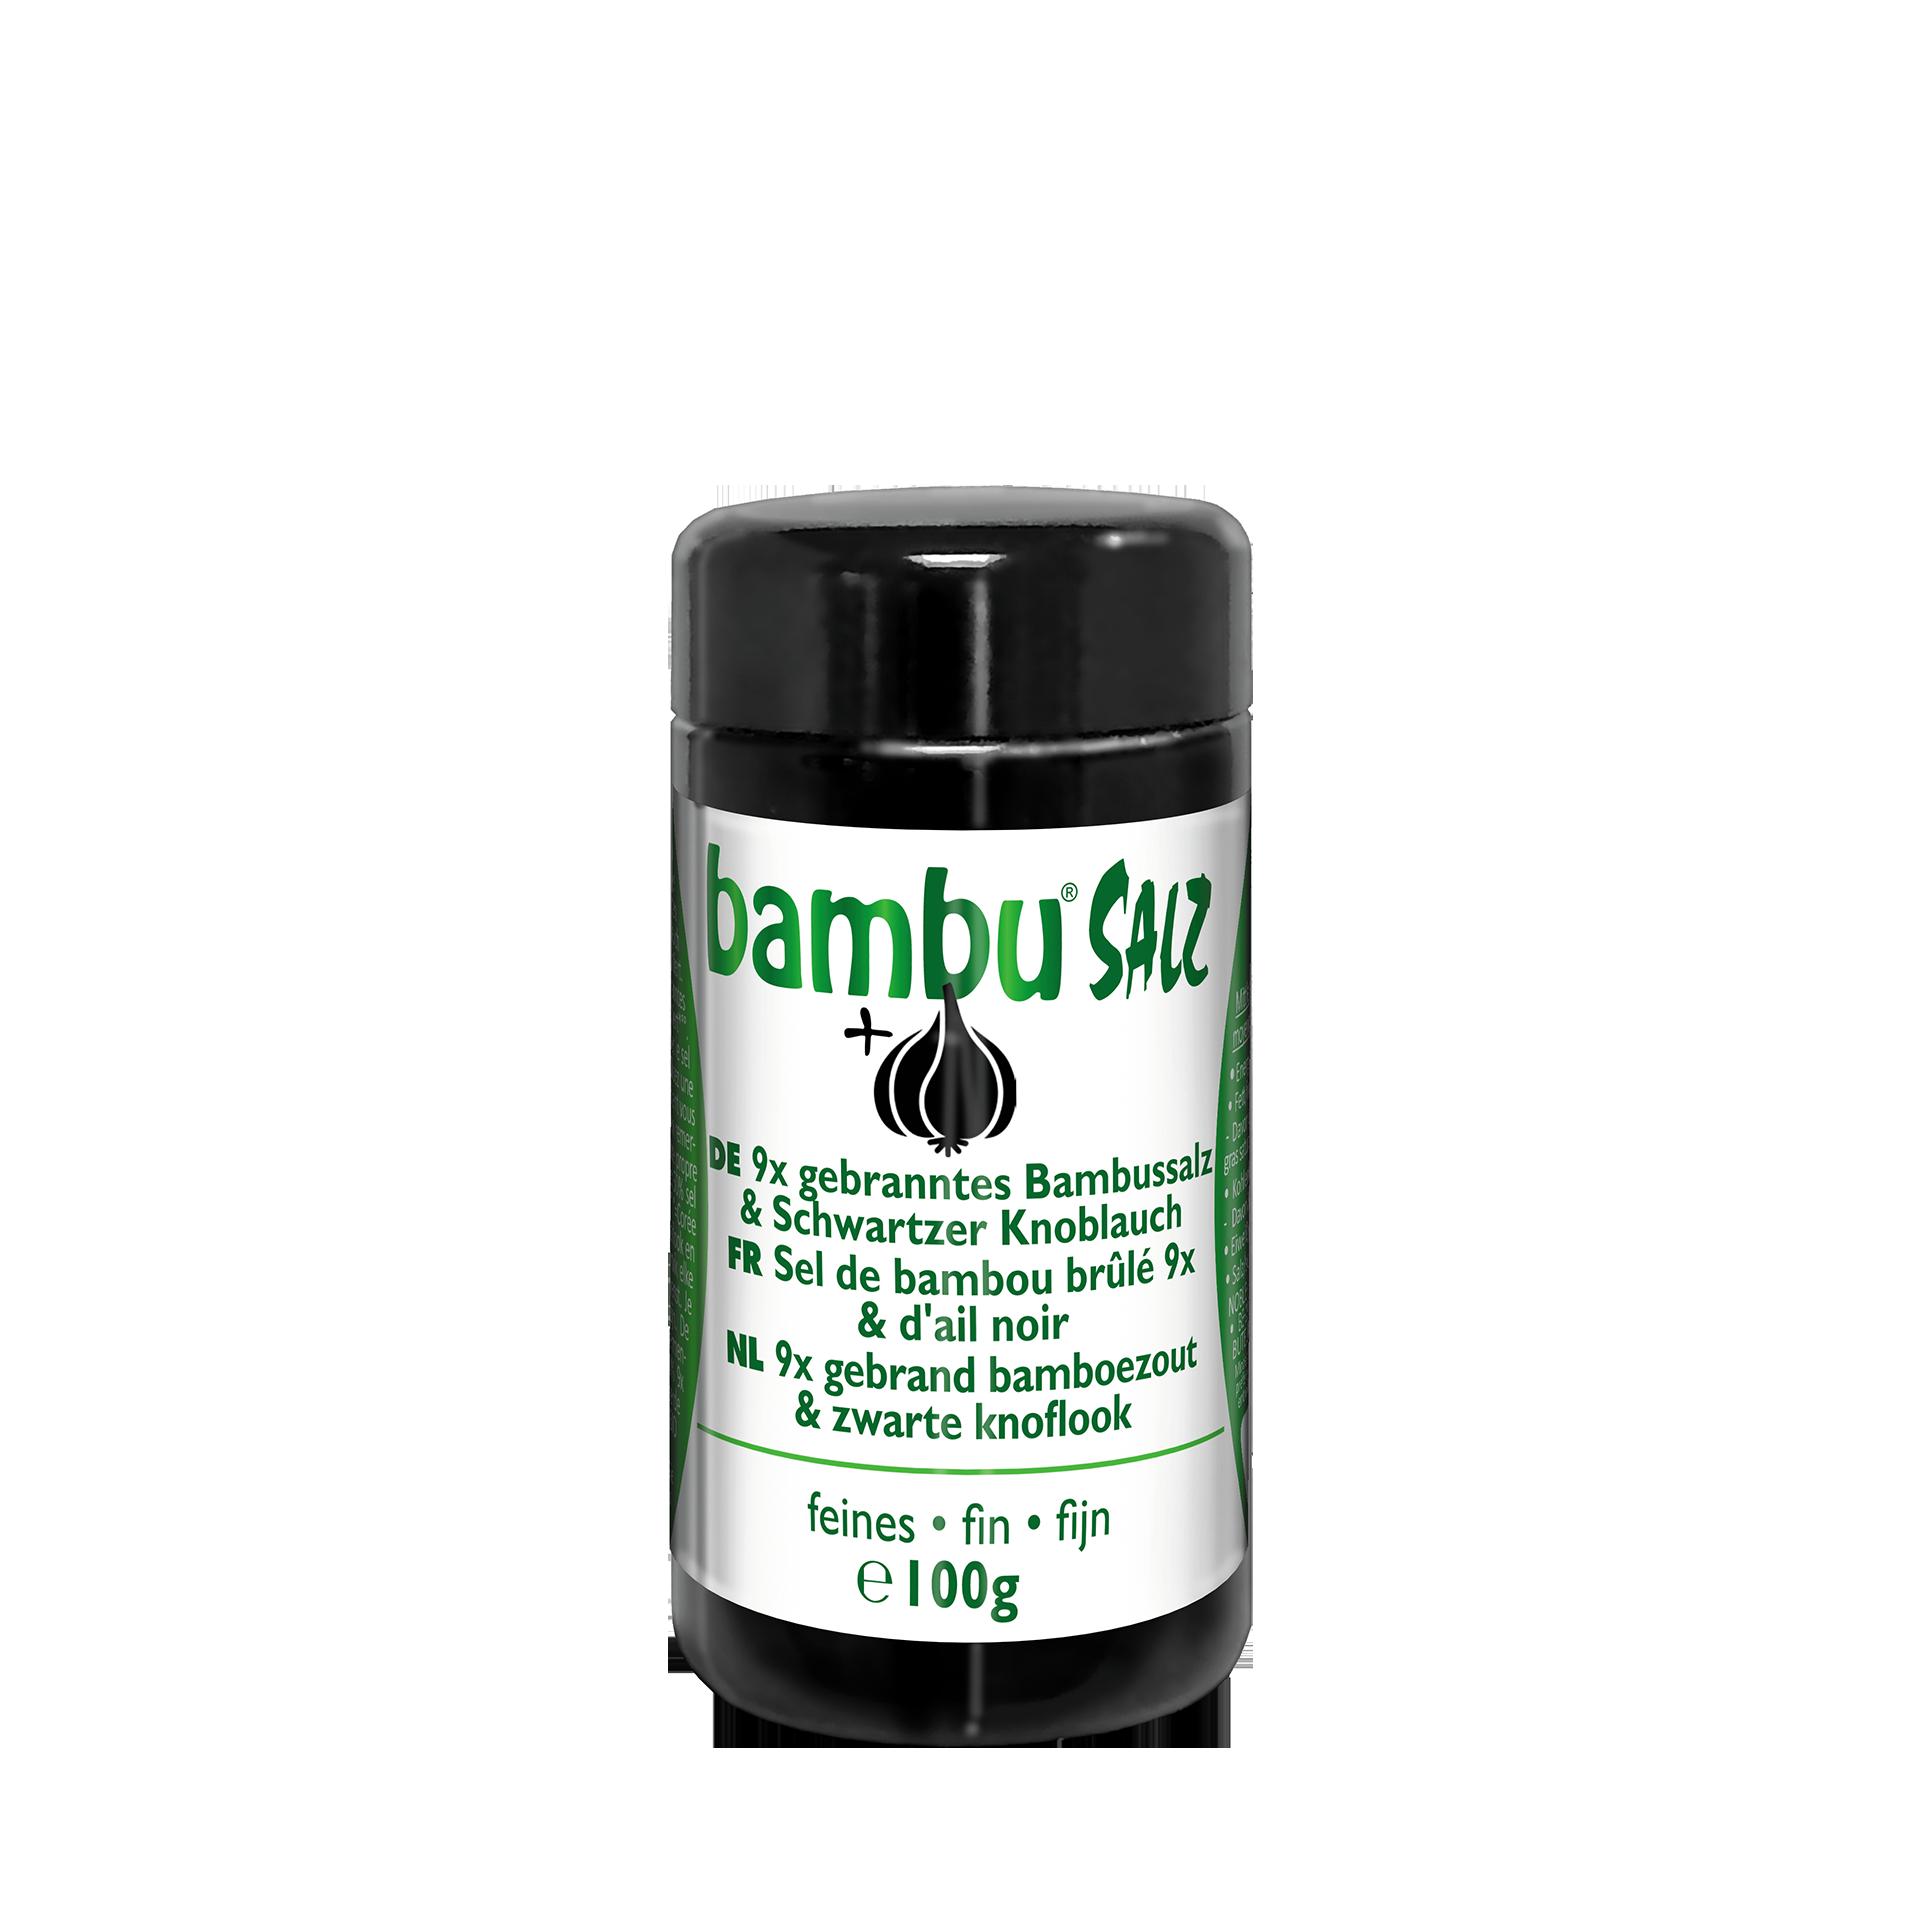 9 x gebranntes Bambussalz mit schwarzem Knoblauch, 100 g